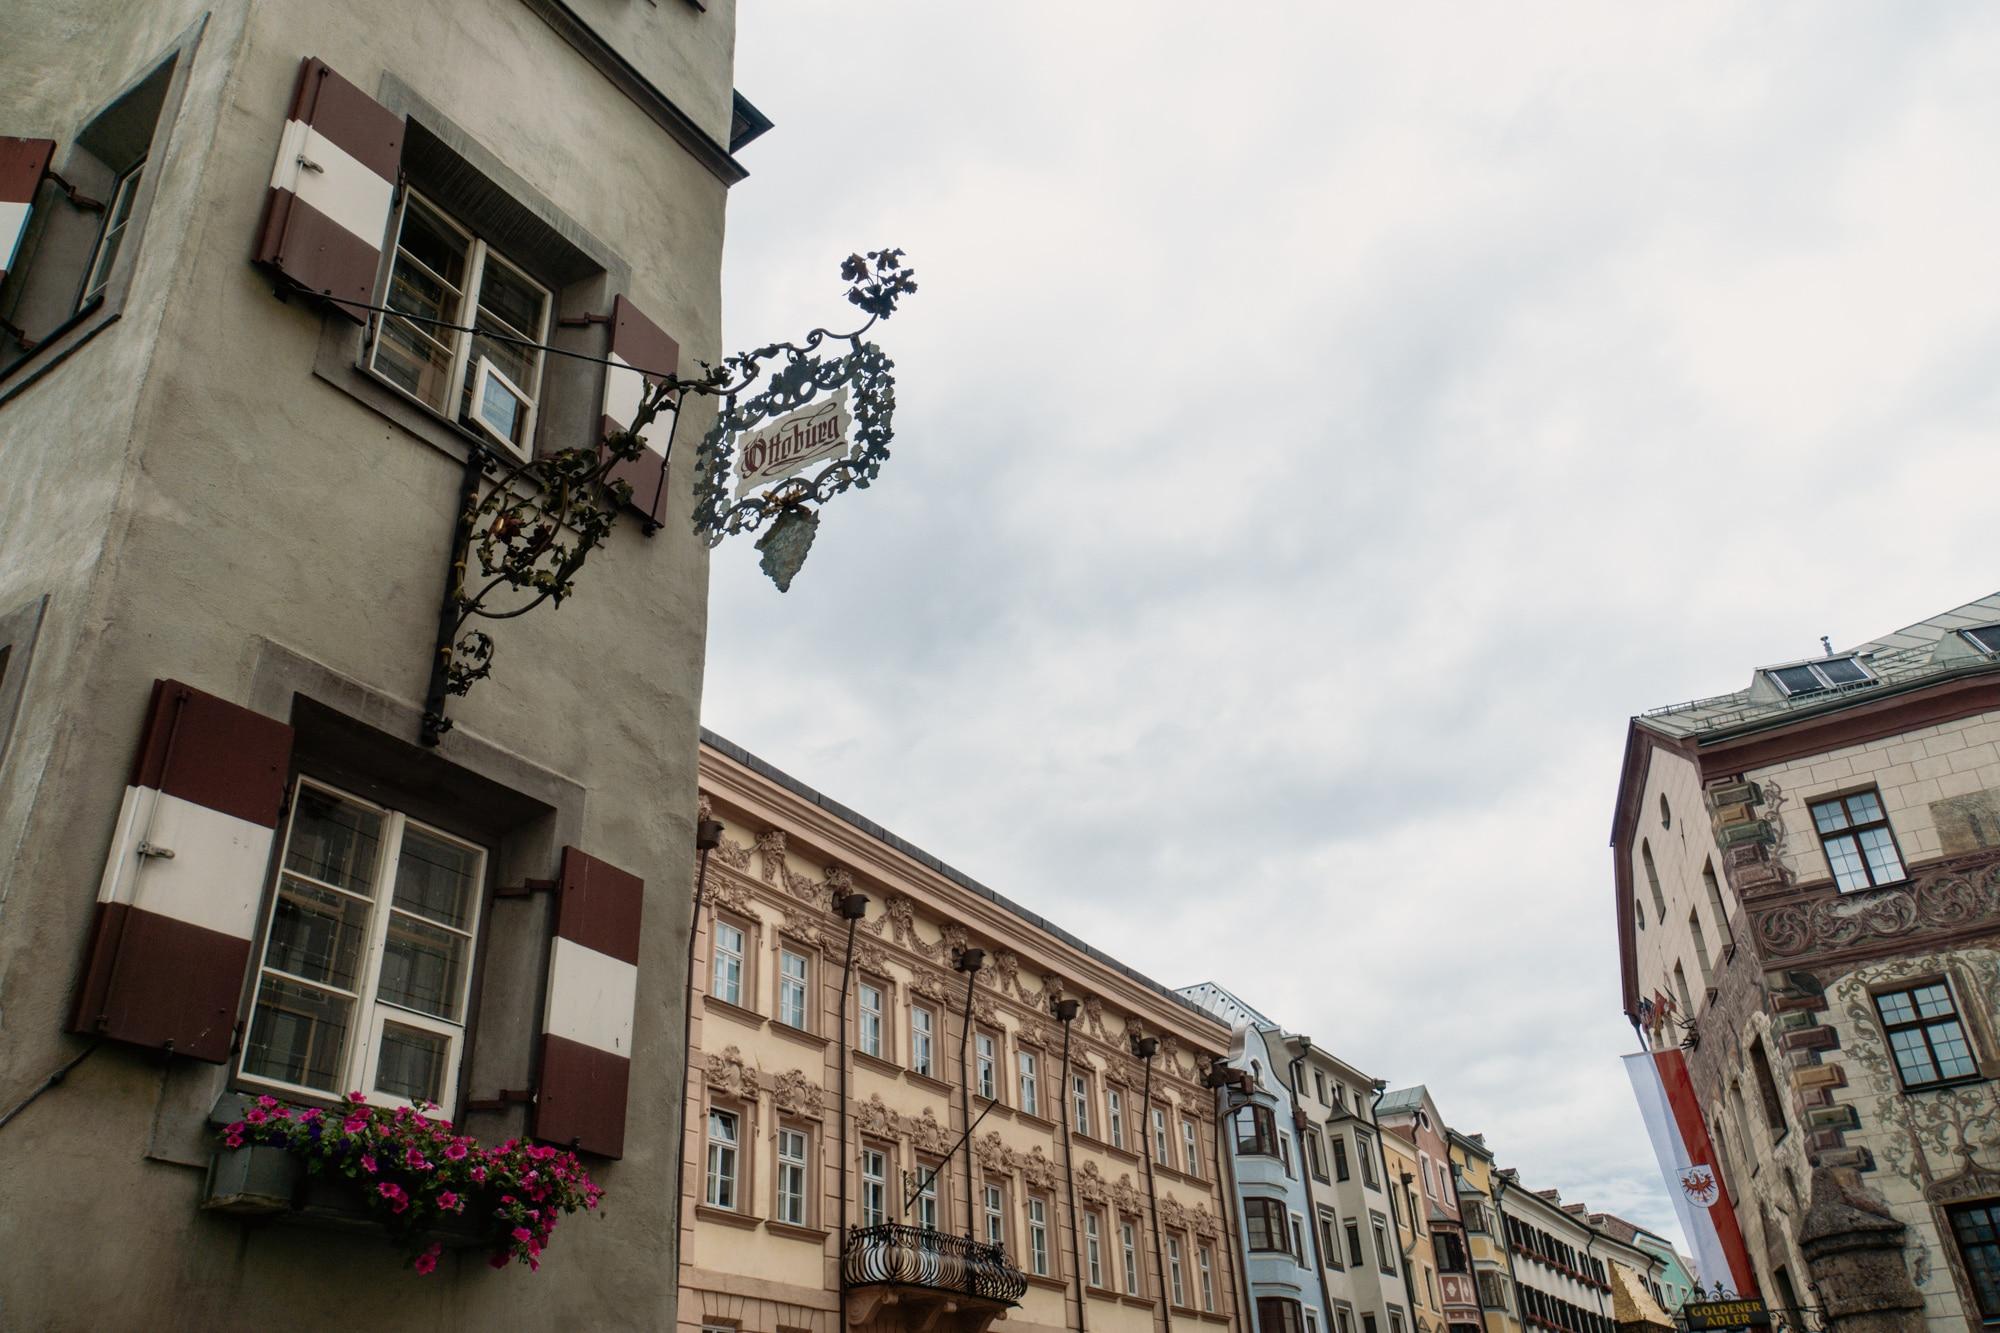 Innsbruck Sehenswürdigkeiten: Top Ten Highlights und Tipps für die Stadt - Altstadt